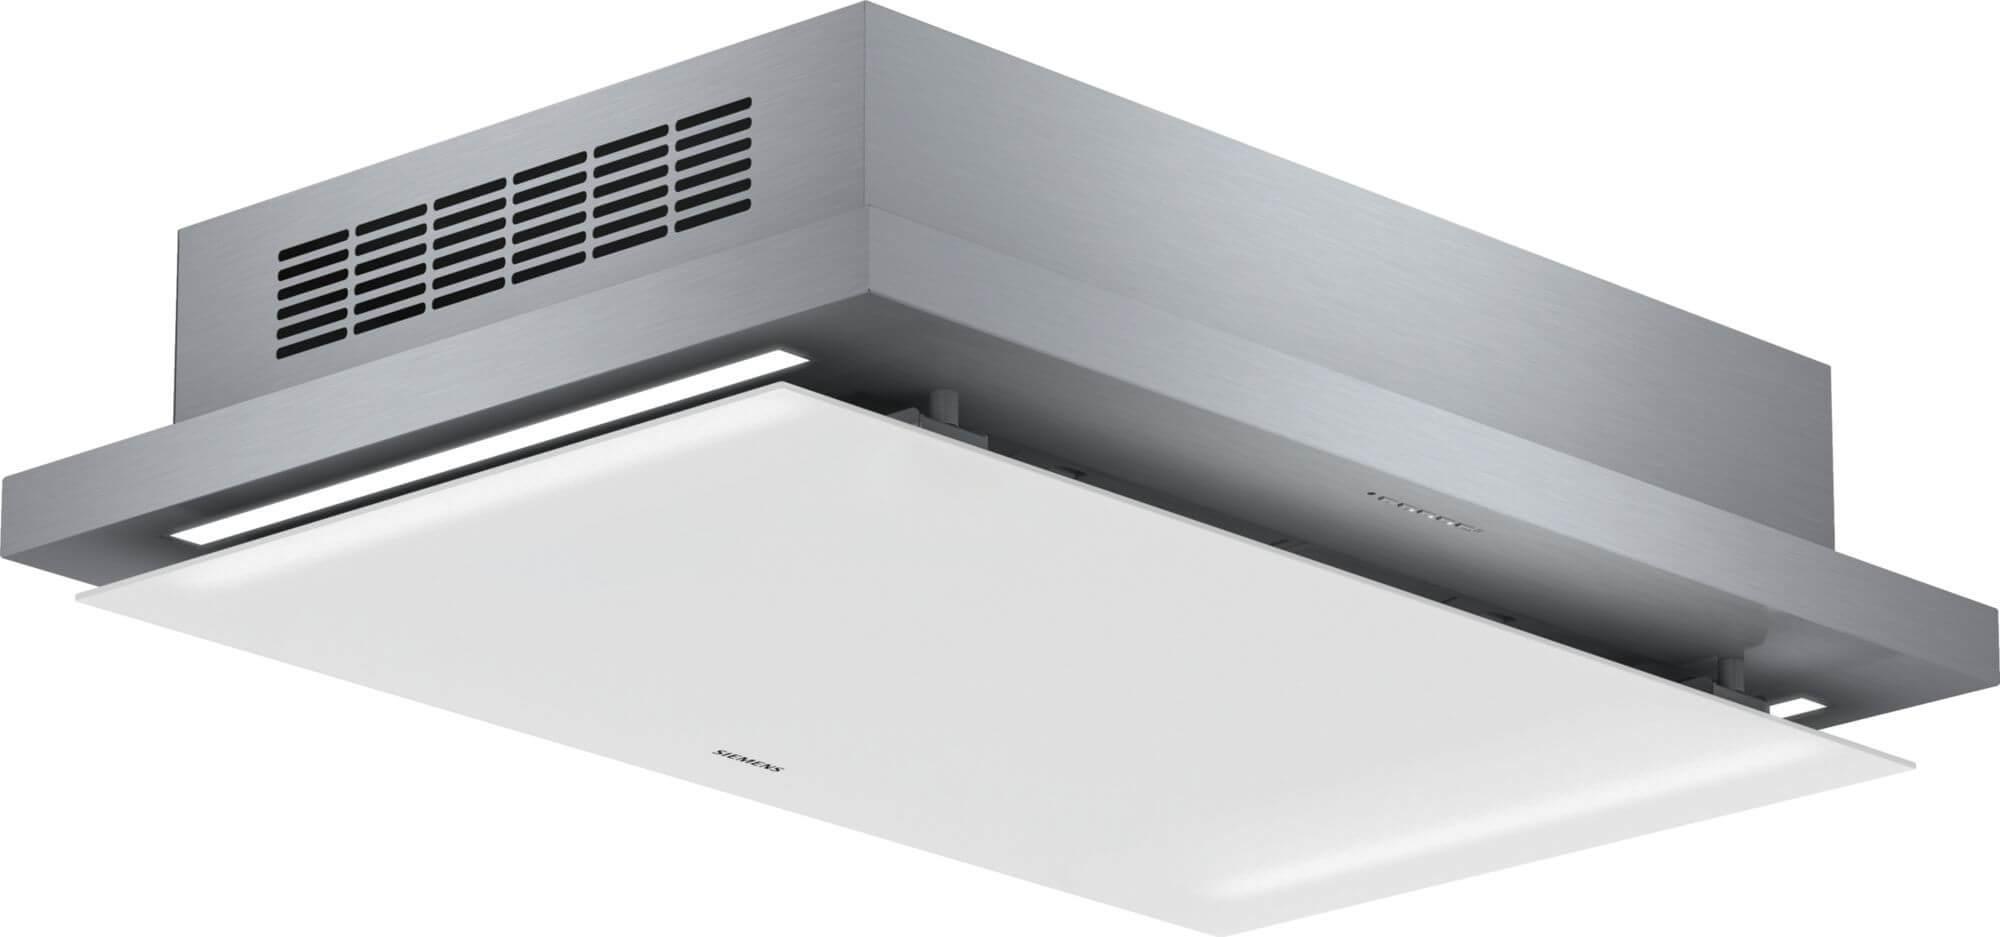 Full Size of Lüftung Küche Bosch Lüftung Küche Lüftung Küche Einbauen Lüftung Küche Ohne Fenster Küche Lüftung Küche